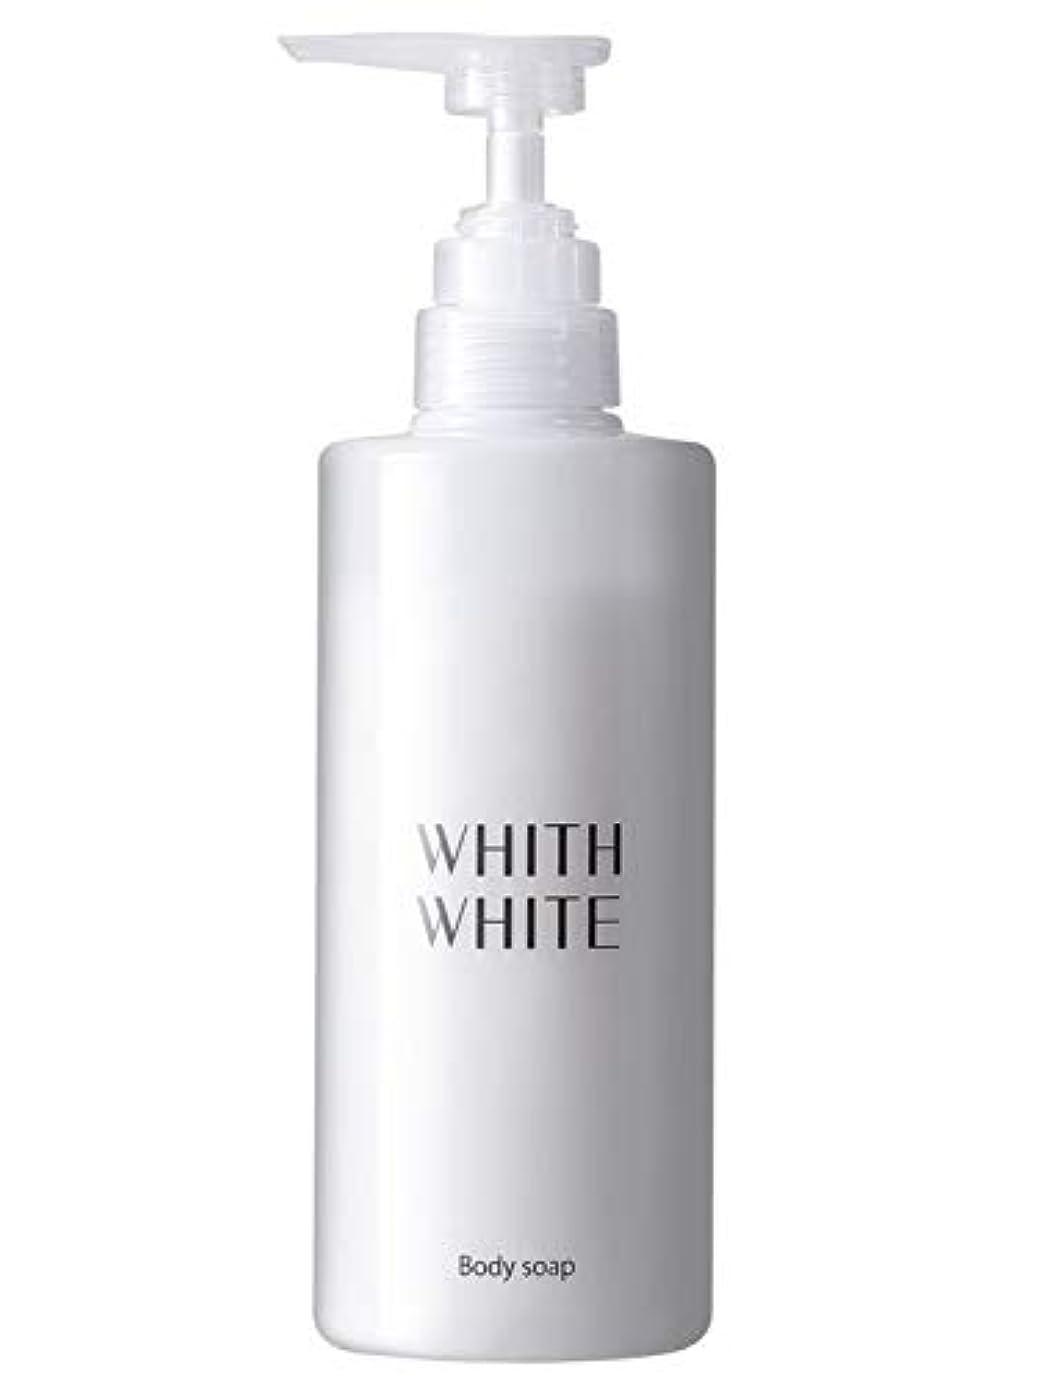 社会主義単独で暫定フィス ホワイト ボディソープ 【 エレガントフローラルのいい香り 】 無添加 保湿 ボディーソープ 「 泡で黒ずみ さっぱり ボディシャンプー 」「 ヒアルロン酸 コラーゲン セラミド 配合」450ml